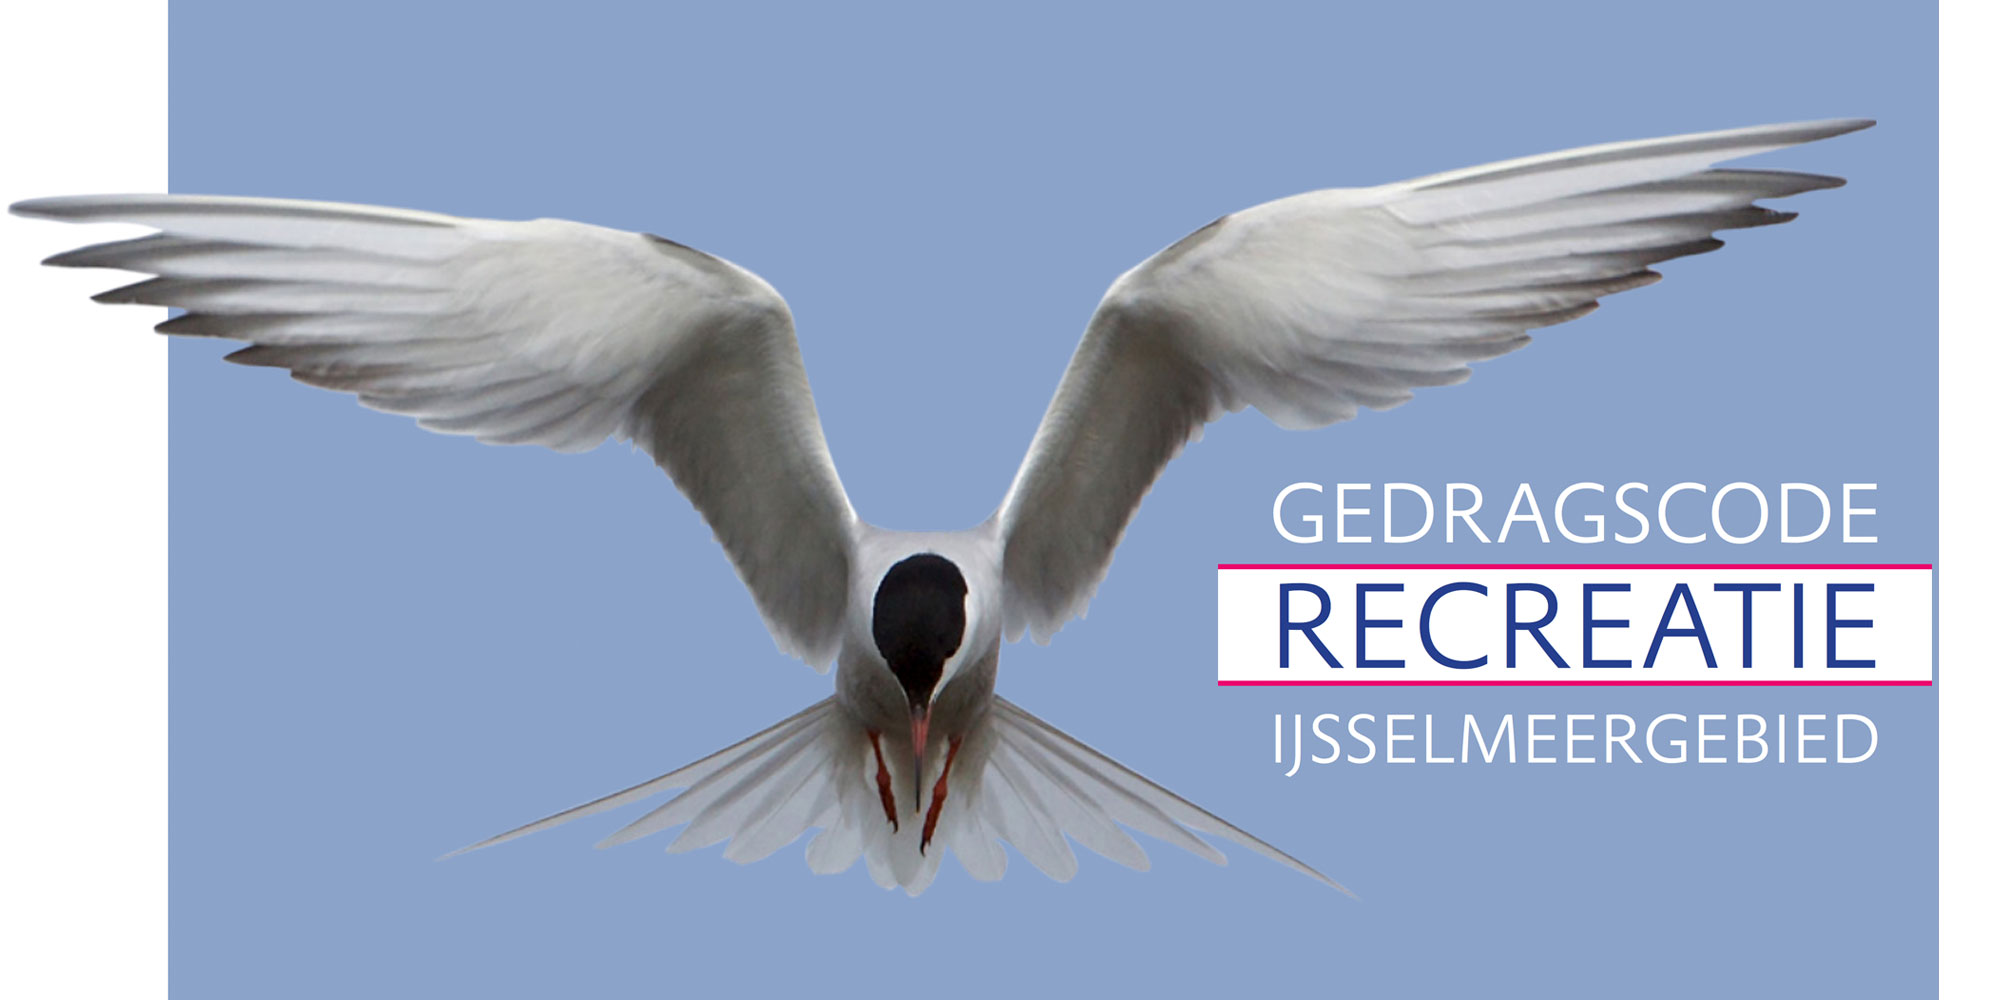 http://gedragscode-recreatie-ijsselmeergebied